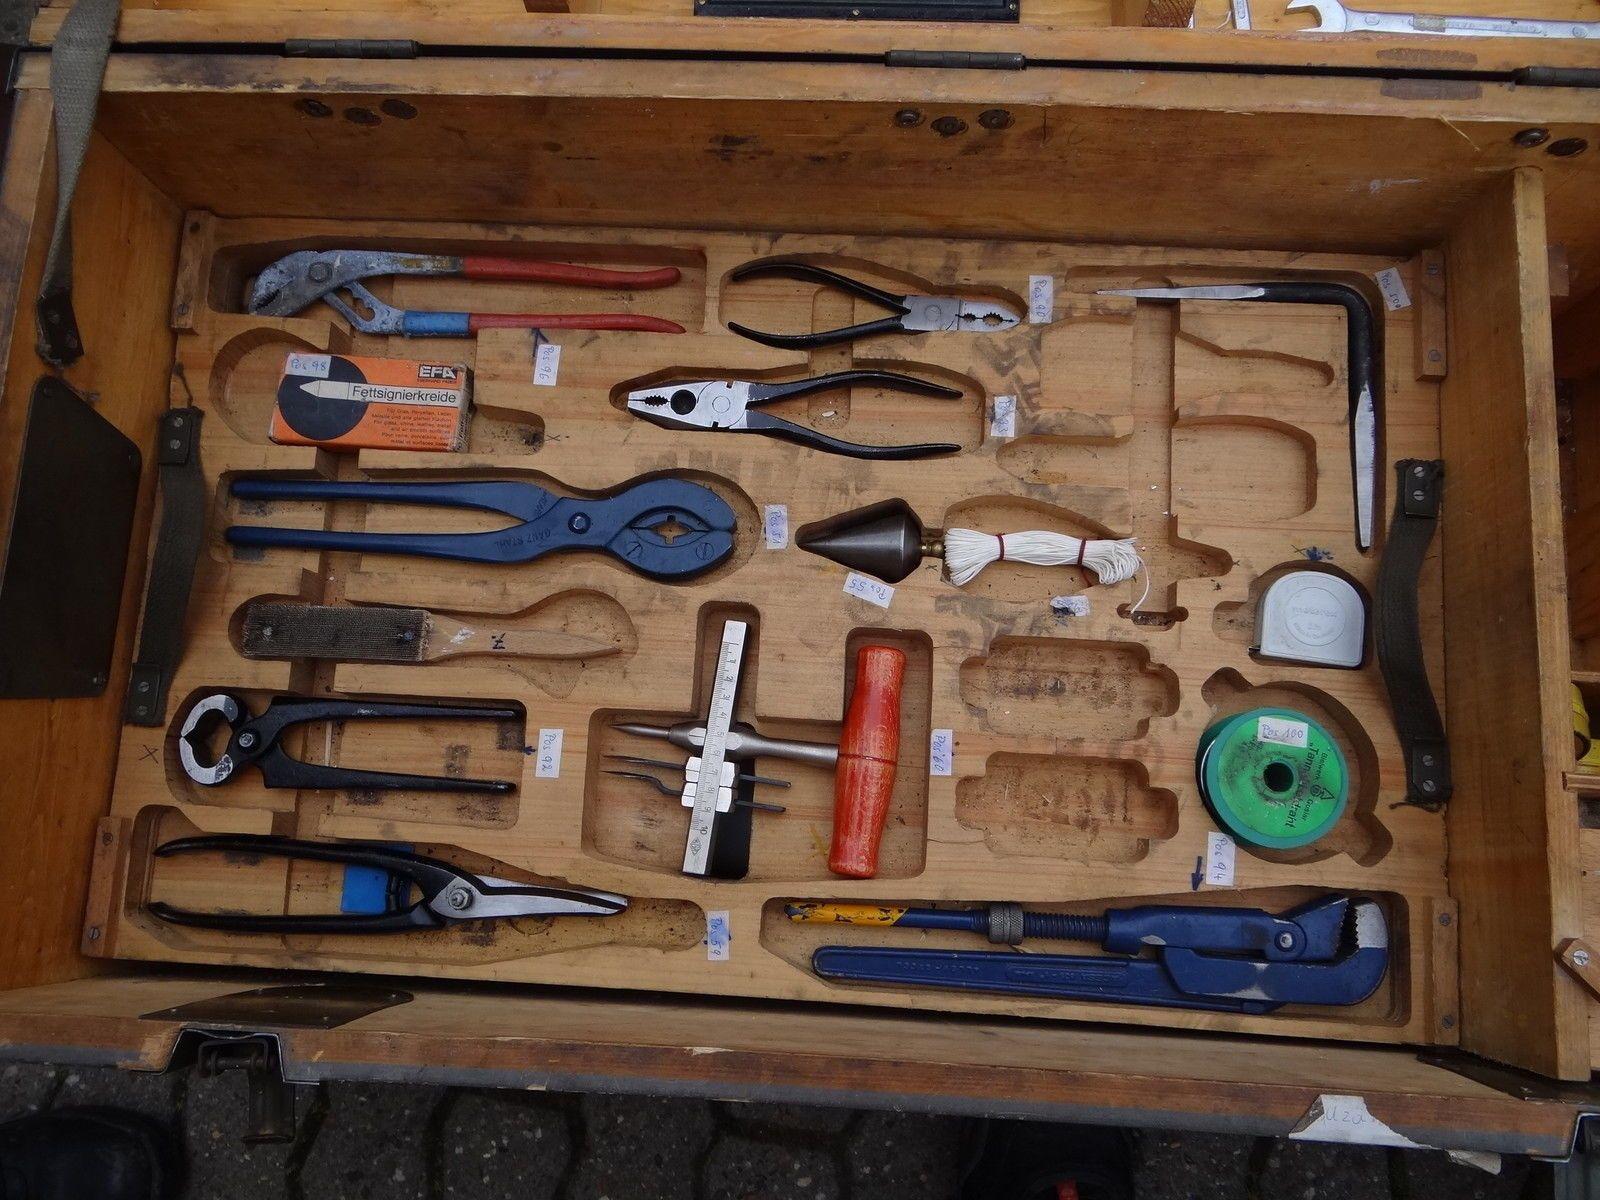 Sommerküche Gebraucht : Details zu bundeswehr werkzeugsatz installateur klempner gebraucht